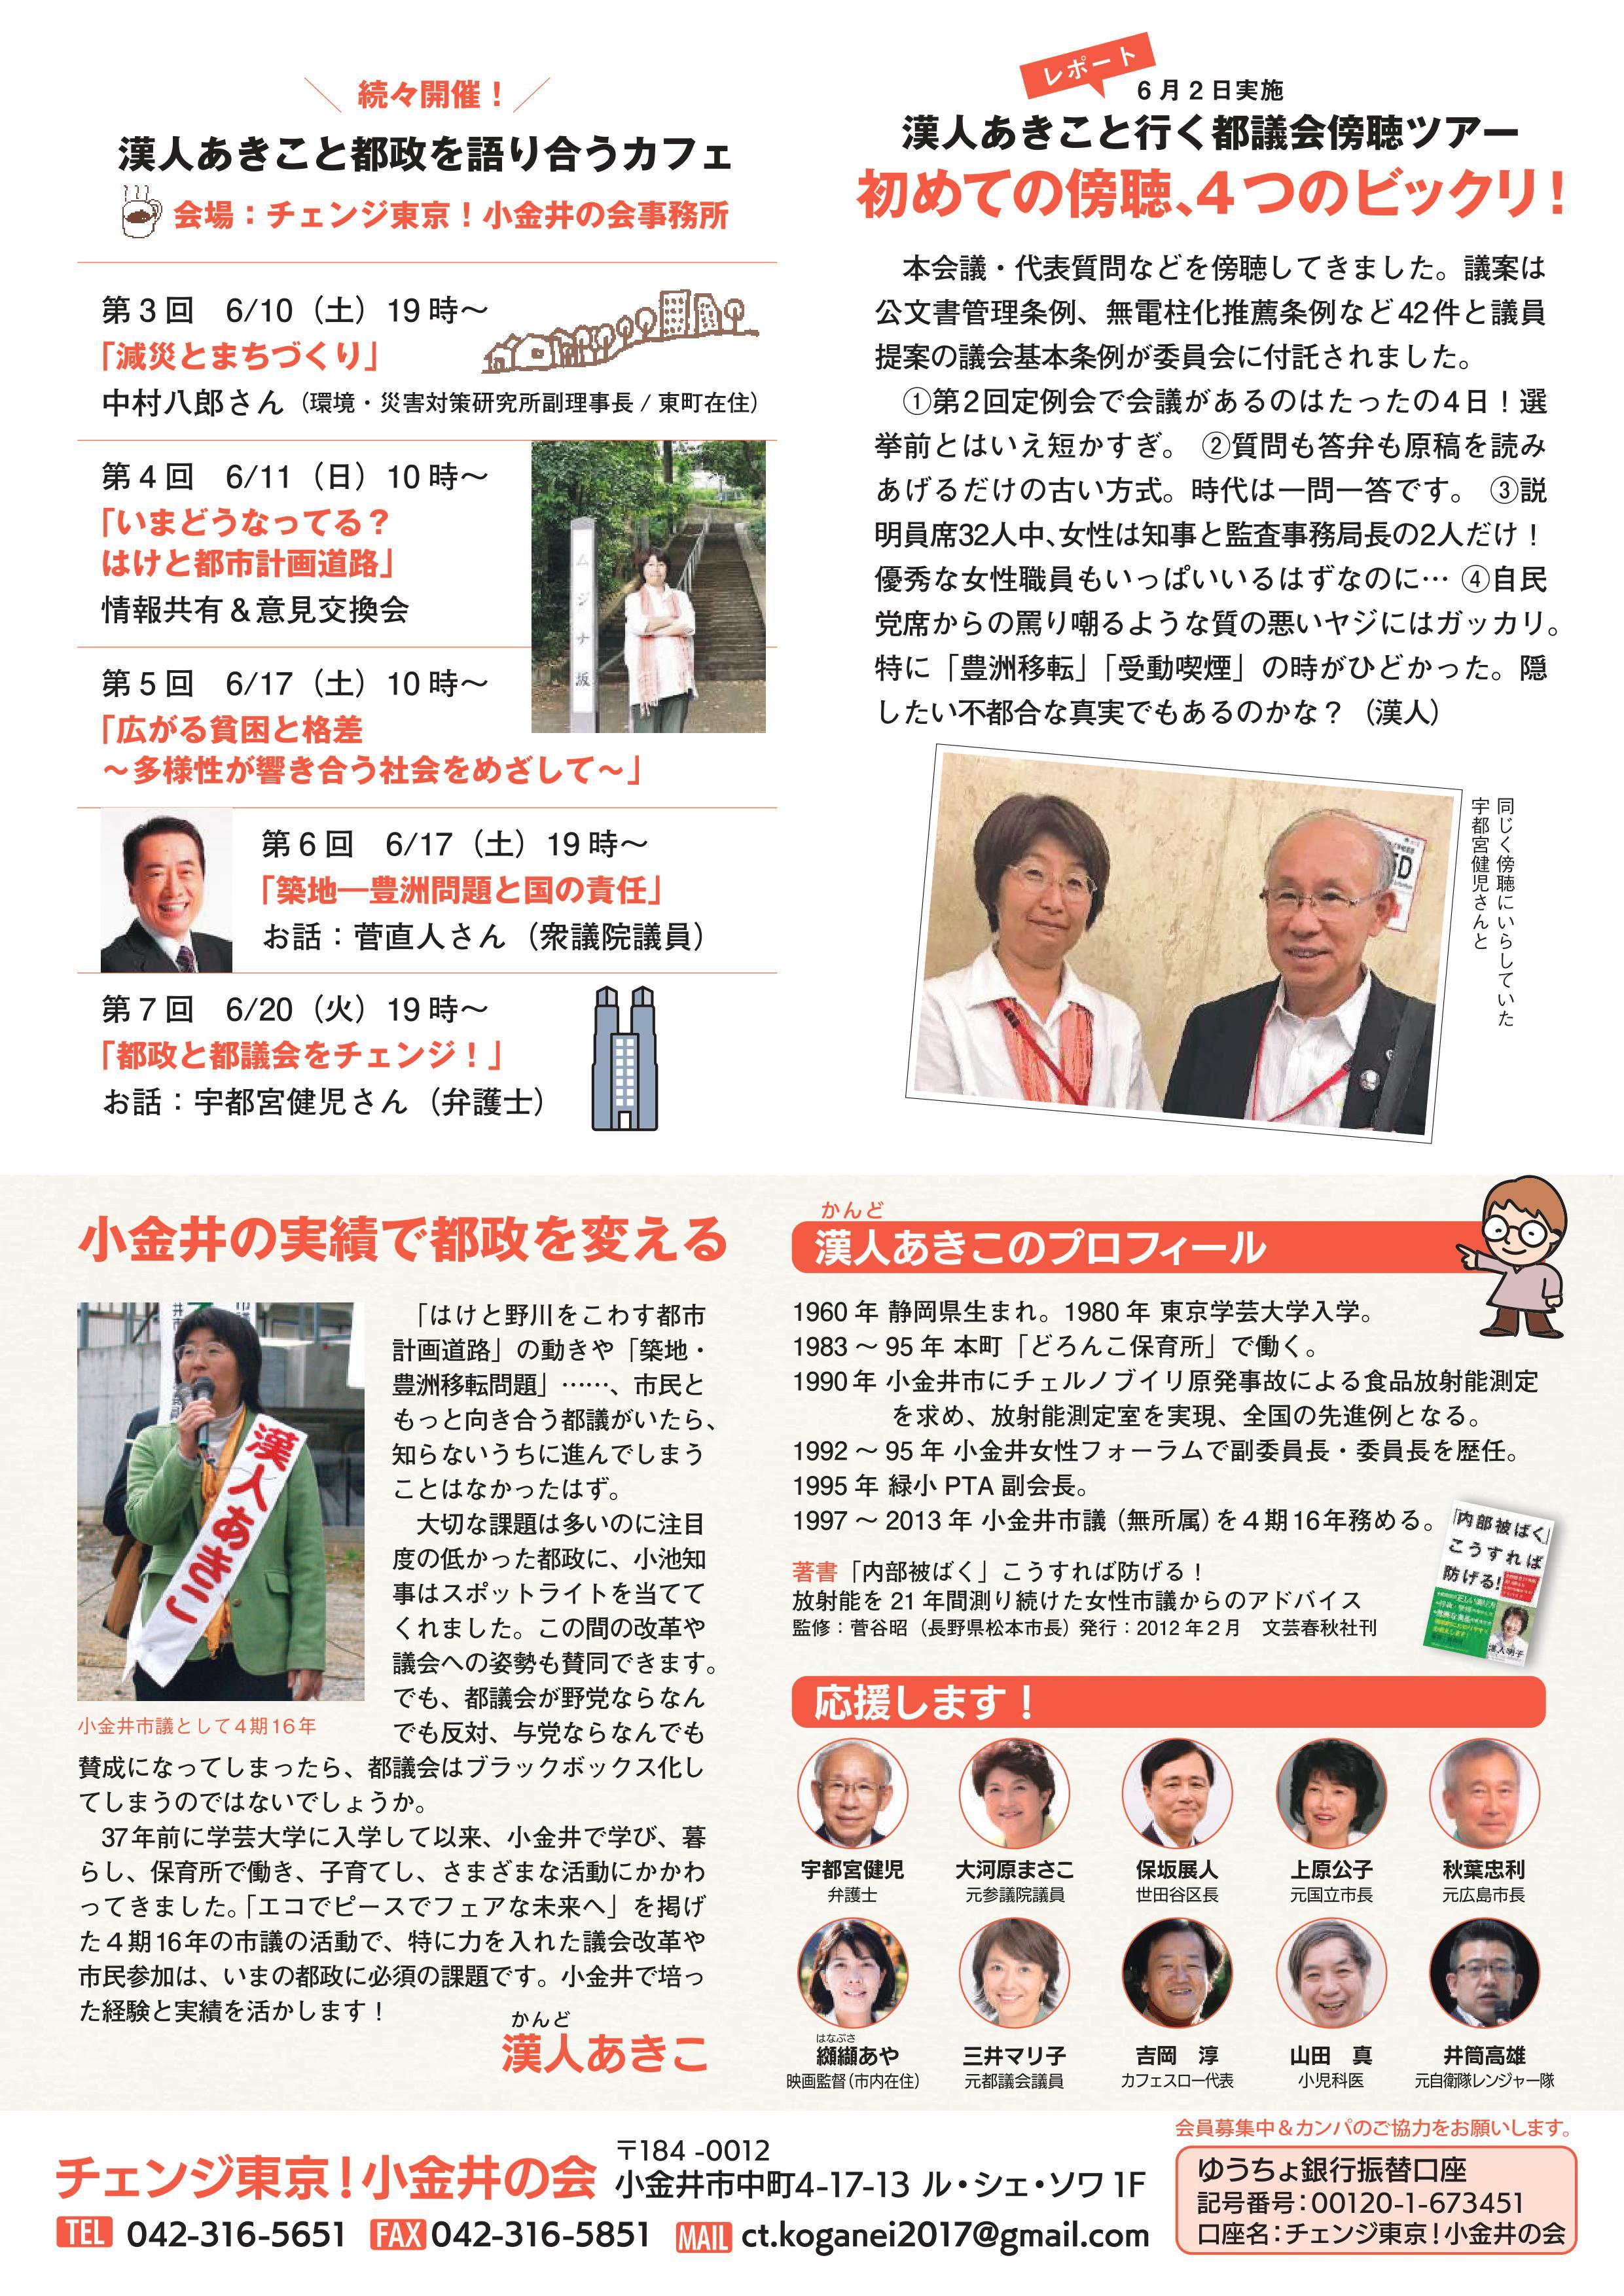 チェンジ東京!小金井の会ニュース 4号-裏